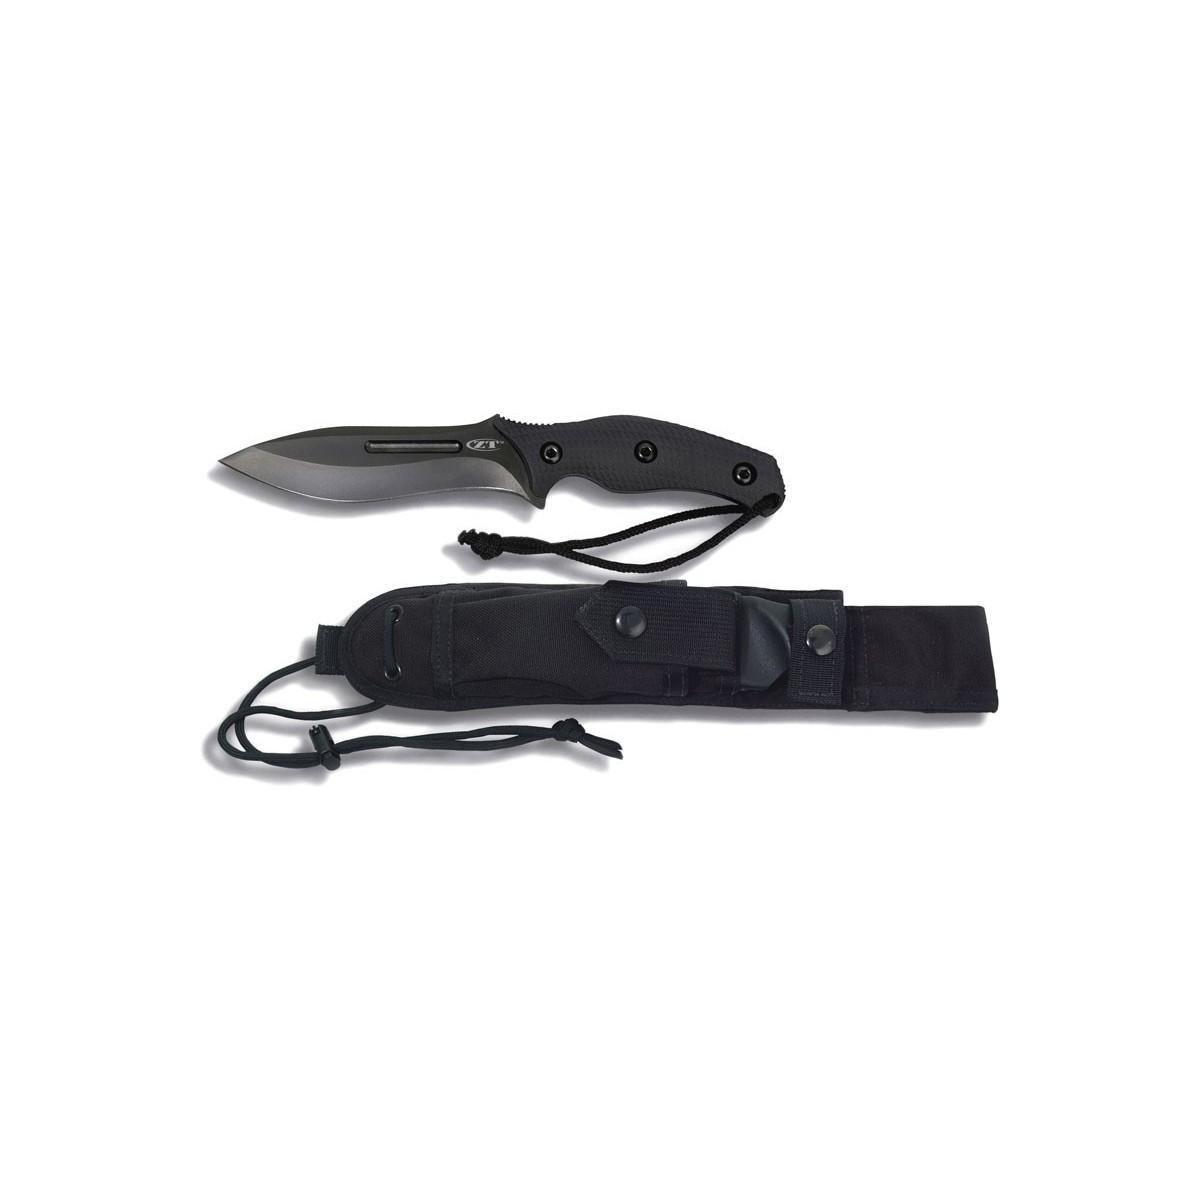 """มีดใบตาย Zero Tolerance Model 0100 Fixed 5-3/4"""" CPM3V Steel Blade, Black G10 Handles"""